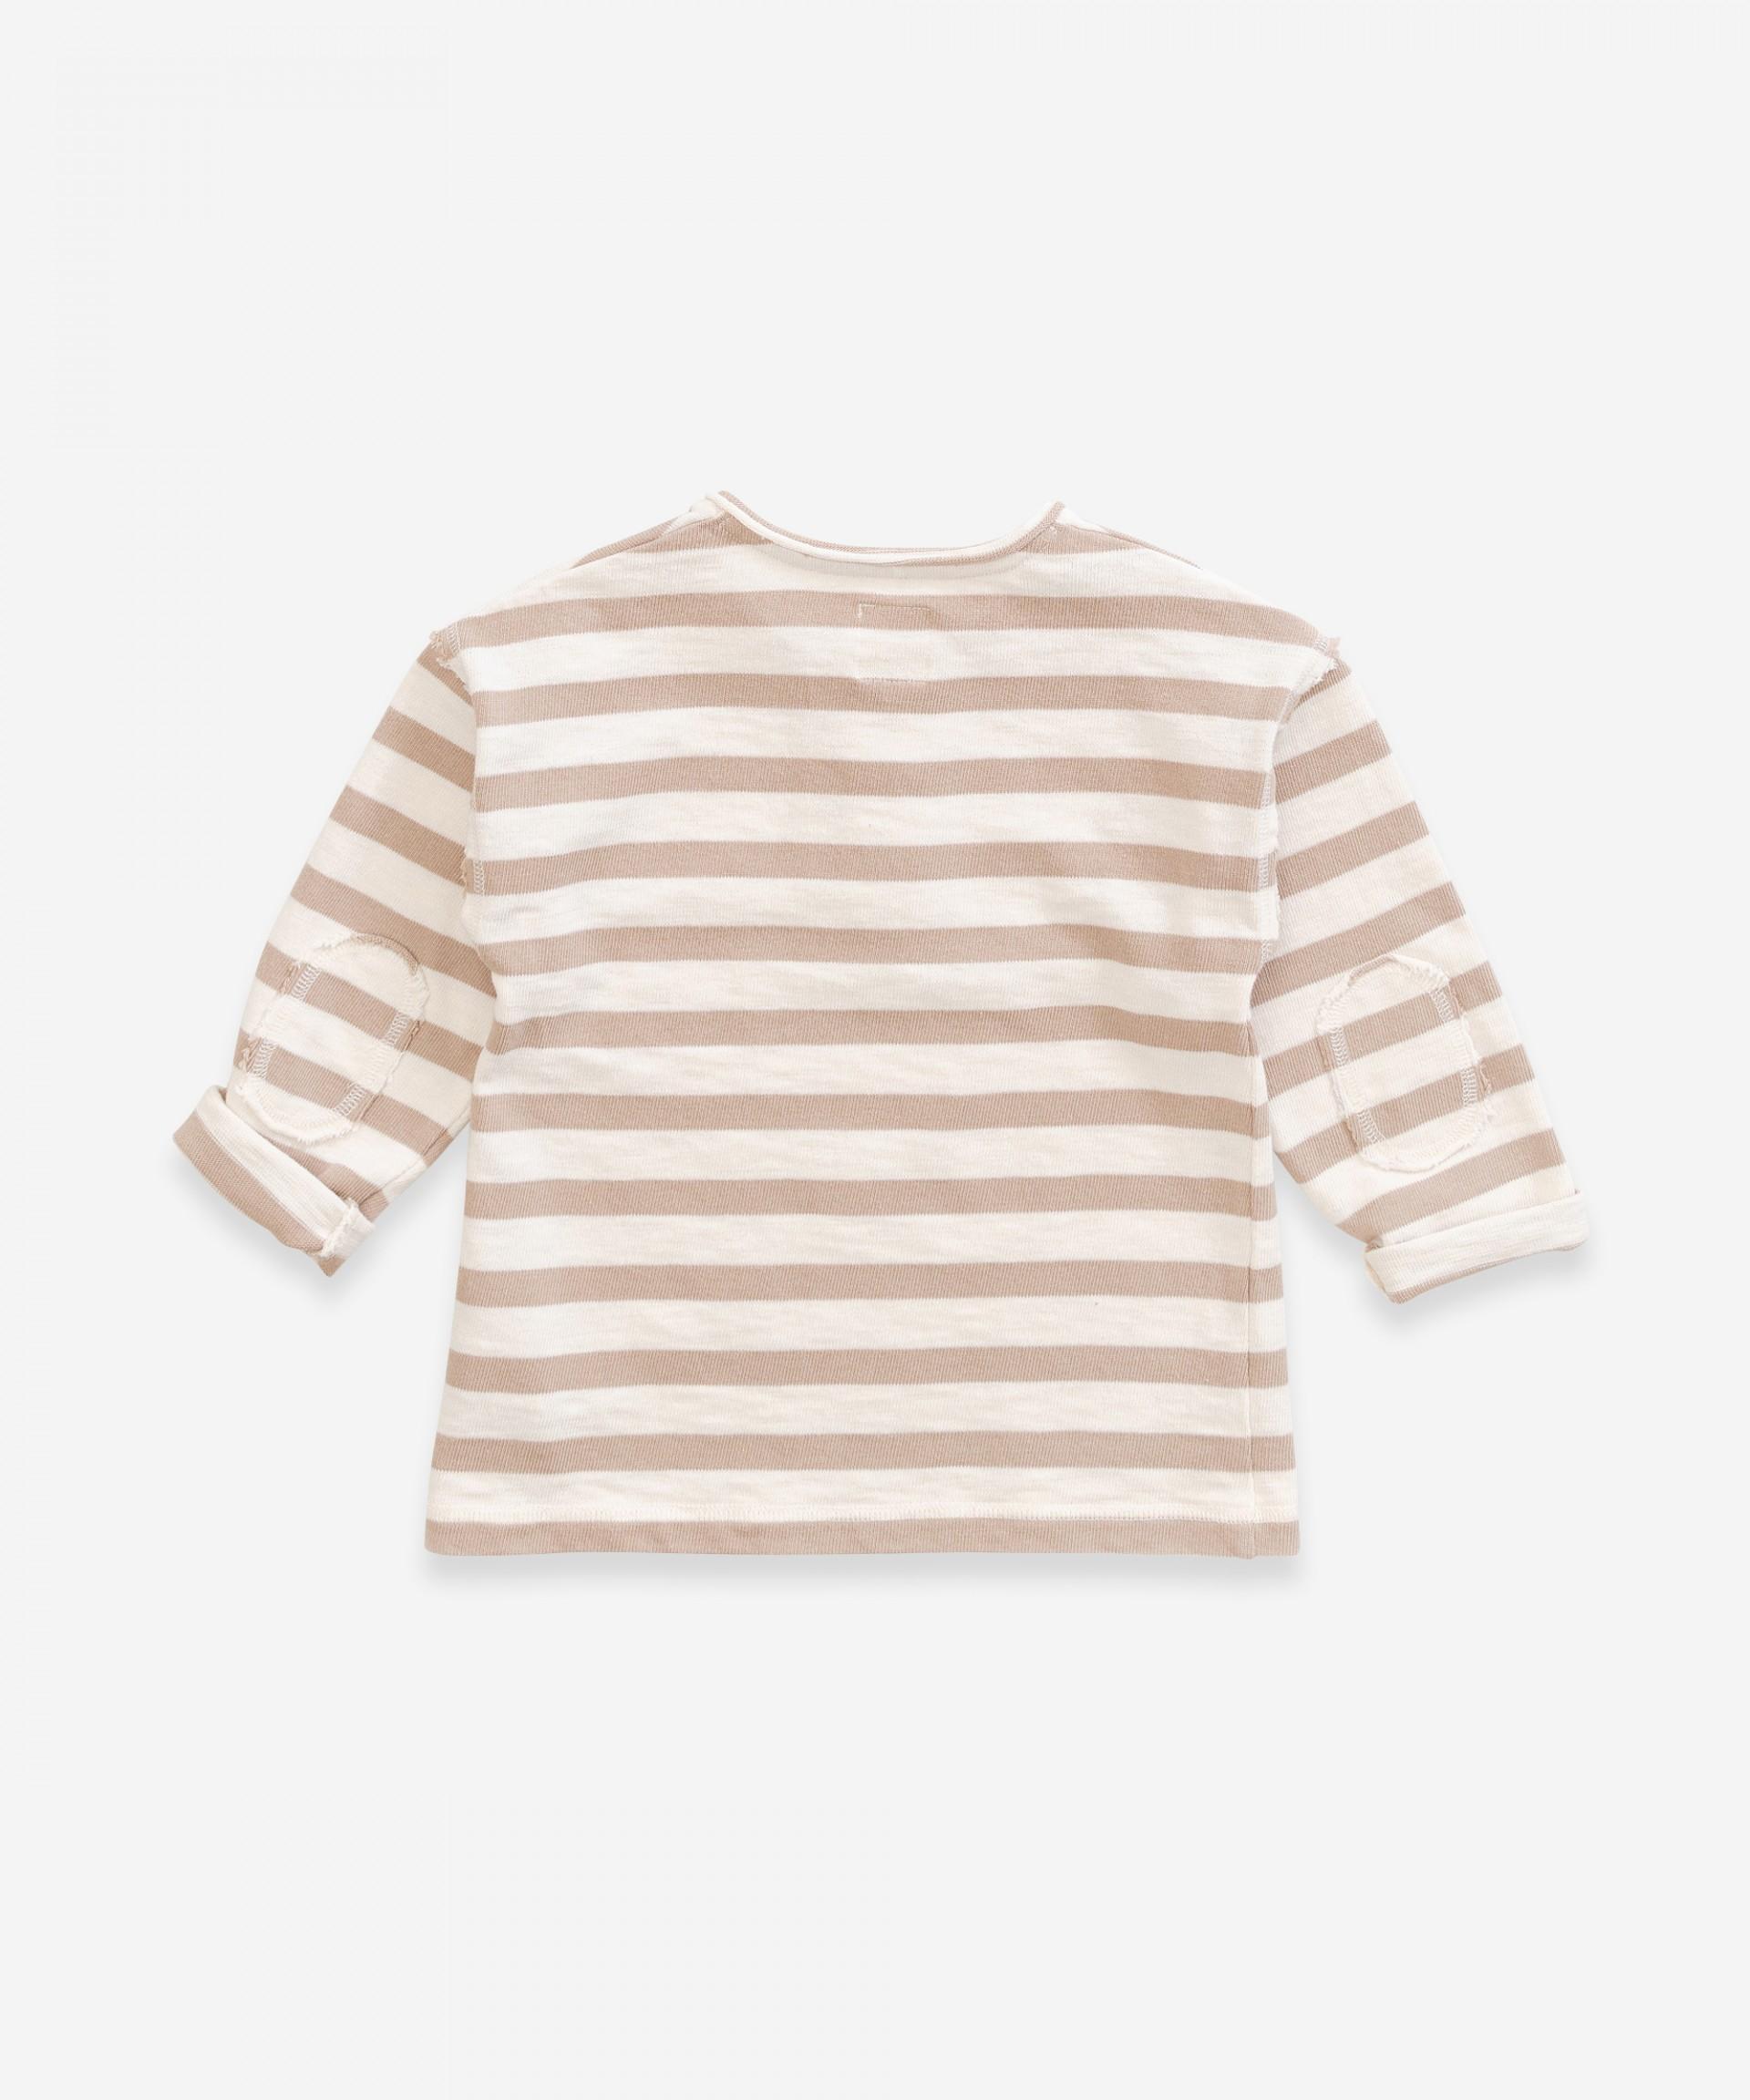 Camisola em algodão com abertura de botões | Weaving